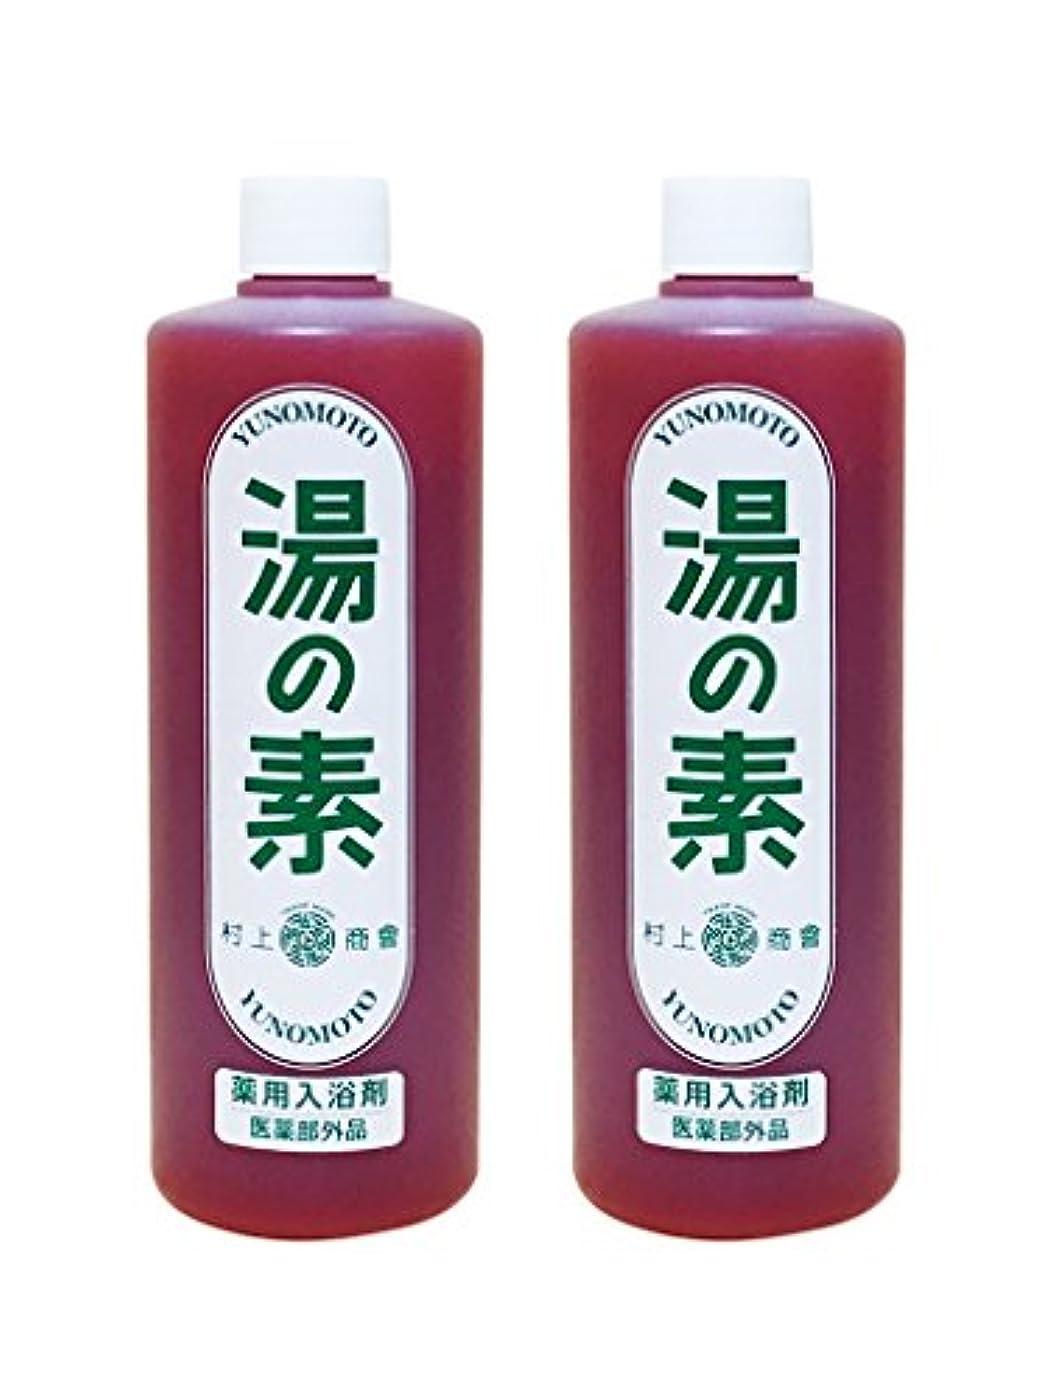 エイリアンまともな地球硫黄乳白色湯 湯の素 薬用入浴剤 (医薬部外品) 490g 2本セット